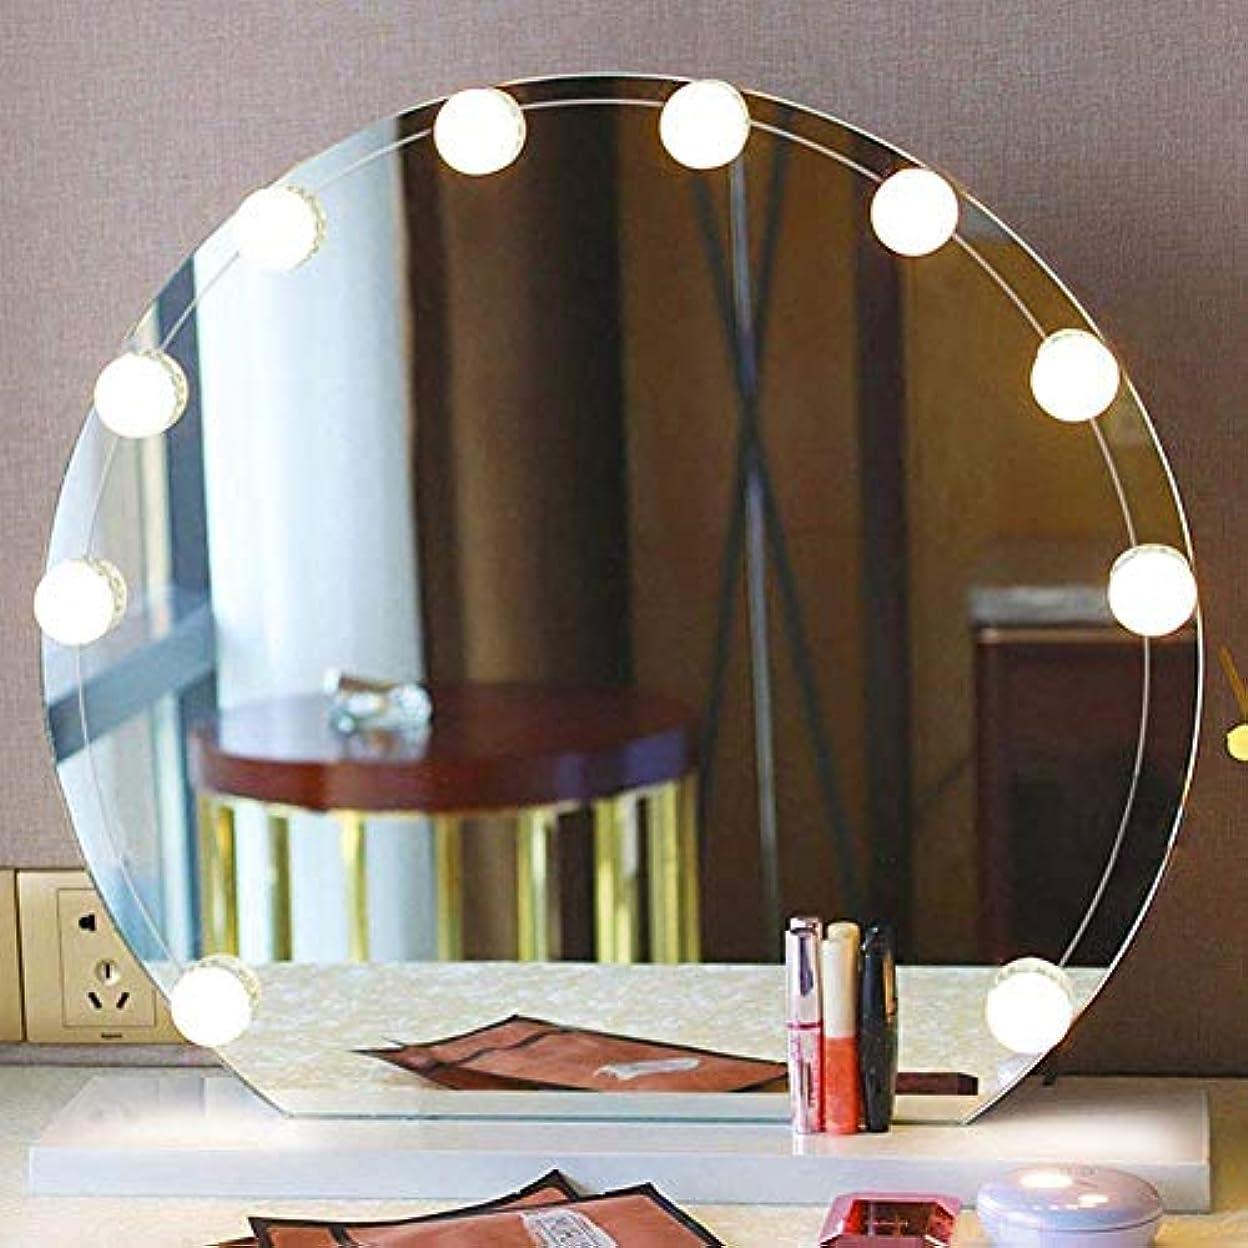 実施するどうやってガロンtiktok 女優ミラーライト 10個LED電球 USB給電 調光可能 ひもの長さも調整でき 化粧鏡ライト 10W 省エネ 取り付け便利 化粧台 美容室などに適用